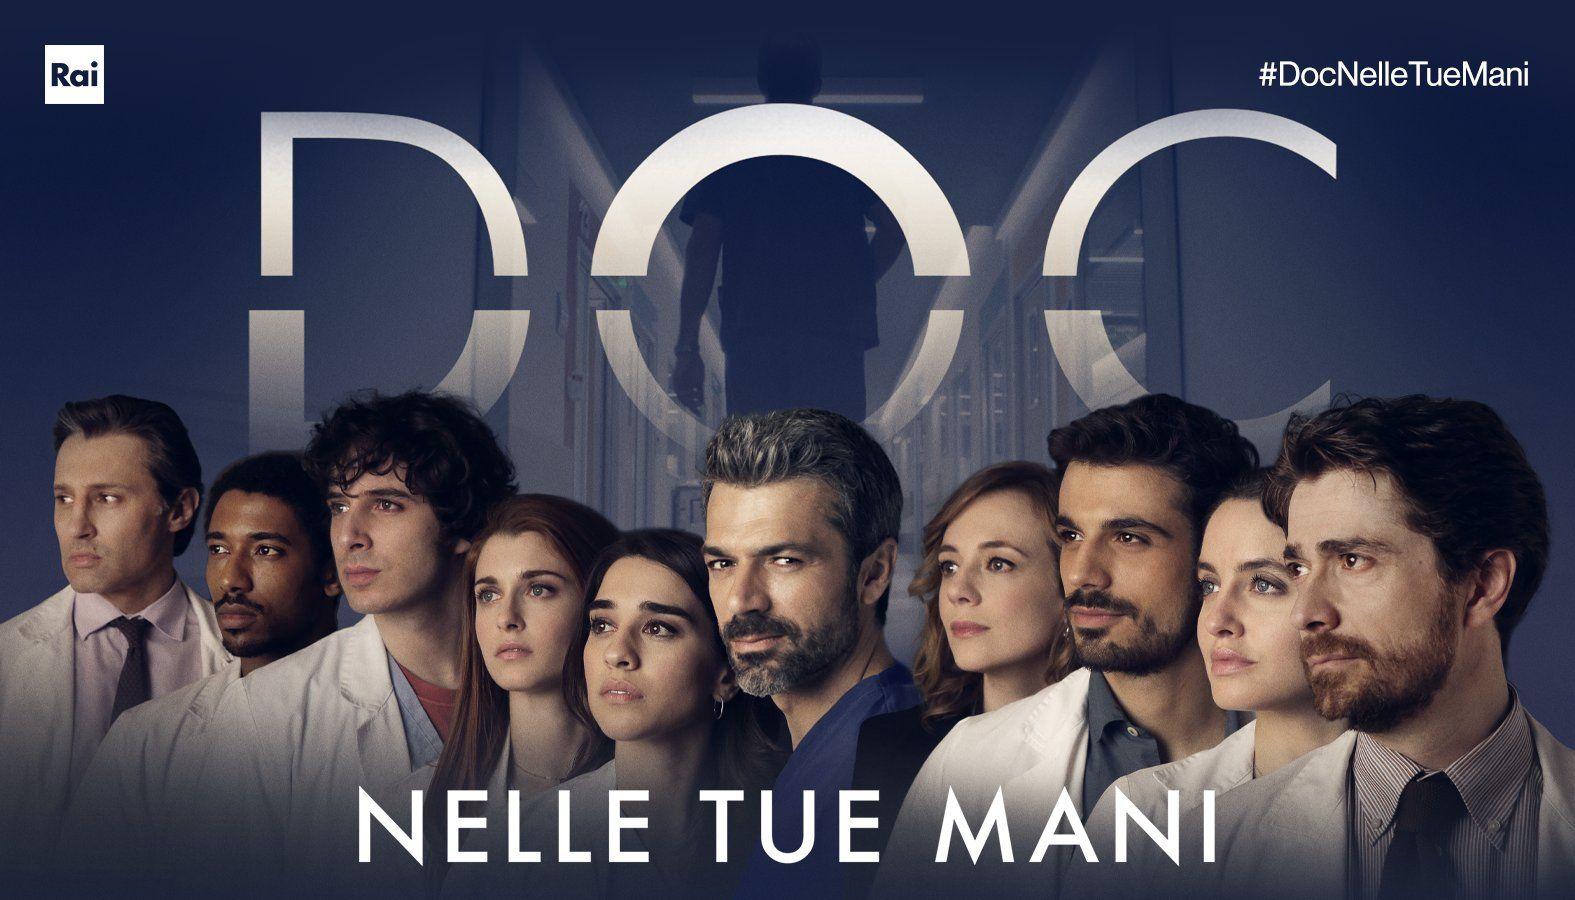 DOC - Nelle tue mani: trama e anticipazioni ultima puntata